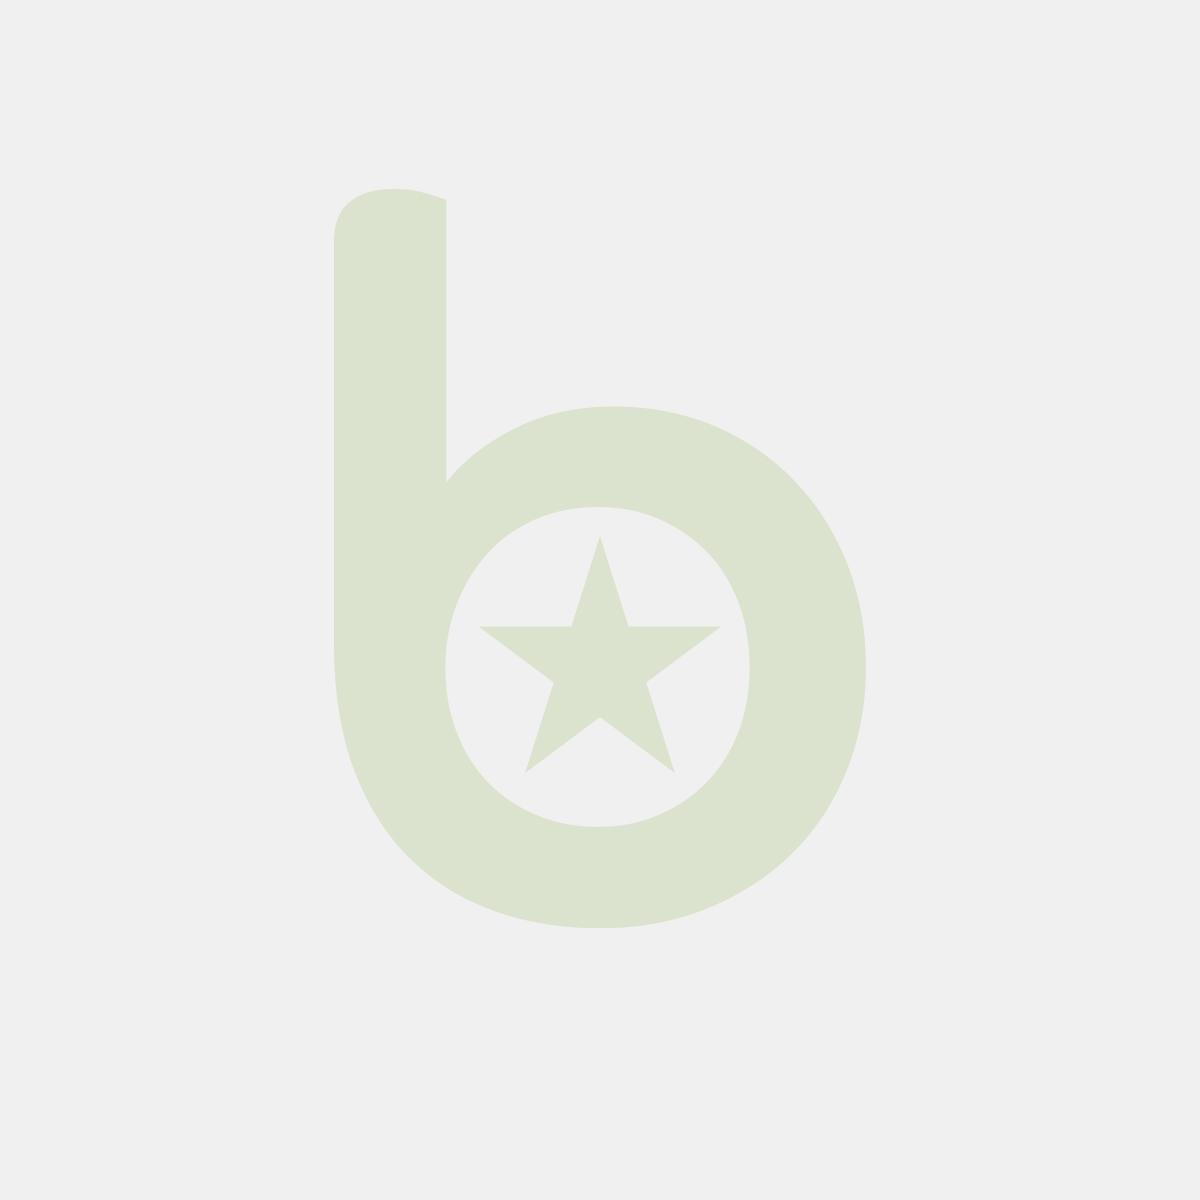 FINGERFOOD - pojemnik Ellipse 2-komorowy 125ml, transparentny 6,3x4,7x6,5cm, op. 40 sztuk